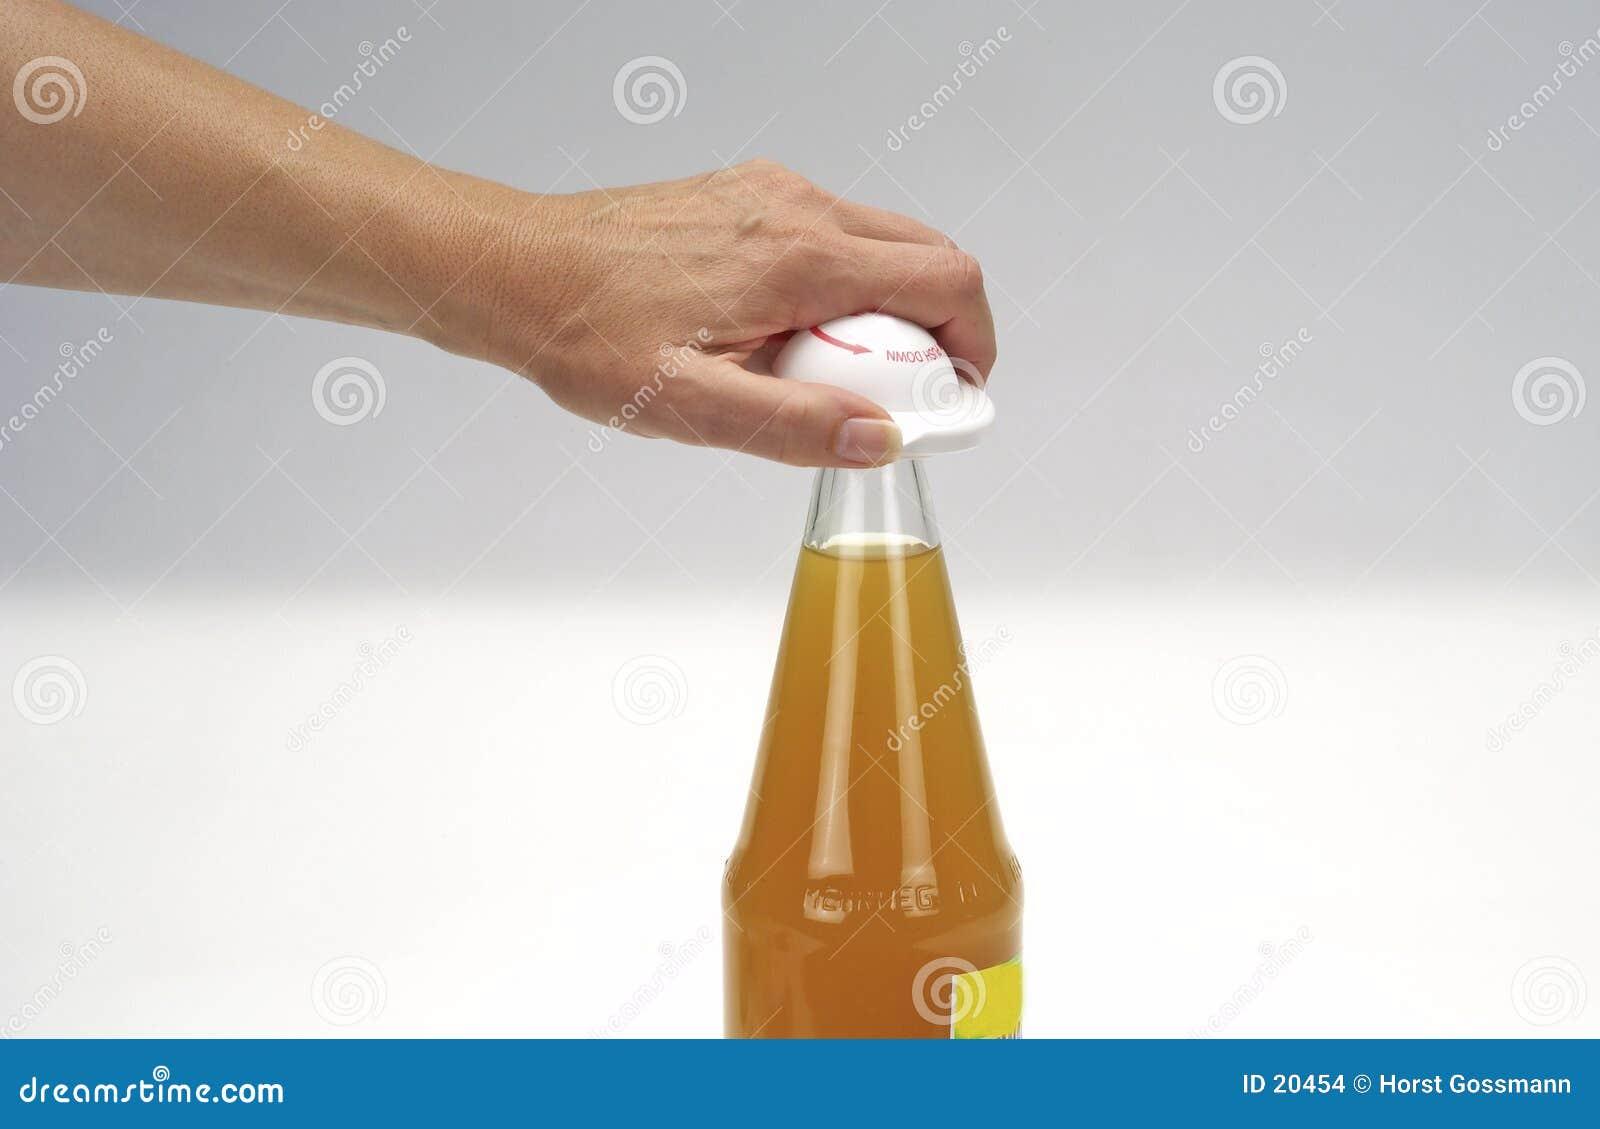 Fles en hand